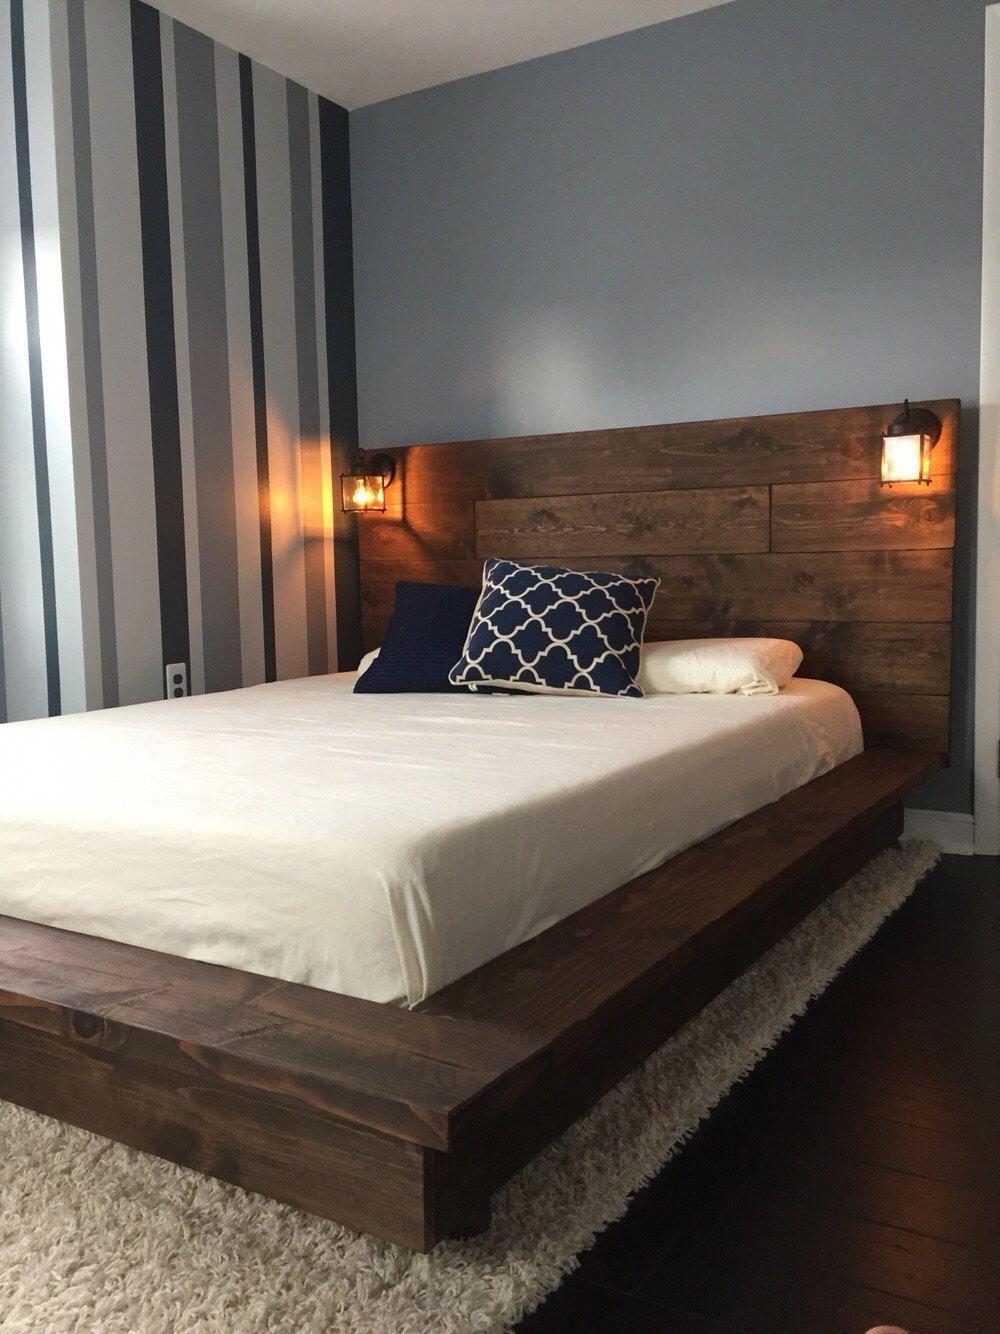 Bed Frames Low To The Ground Bed Frame Twin With Storage Furniturecustom Furnituredecor Bedframes Wood Platform Bed Frame Bed Frame Design Bed Design Low to the ground twin bed